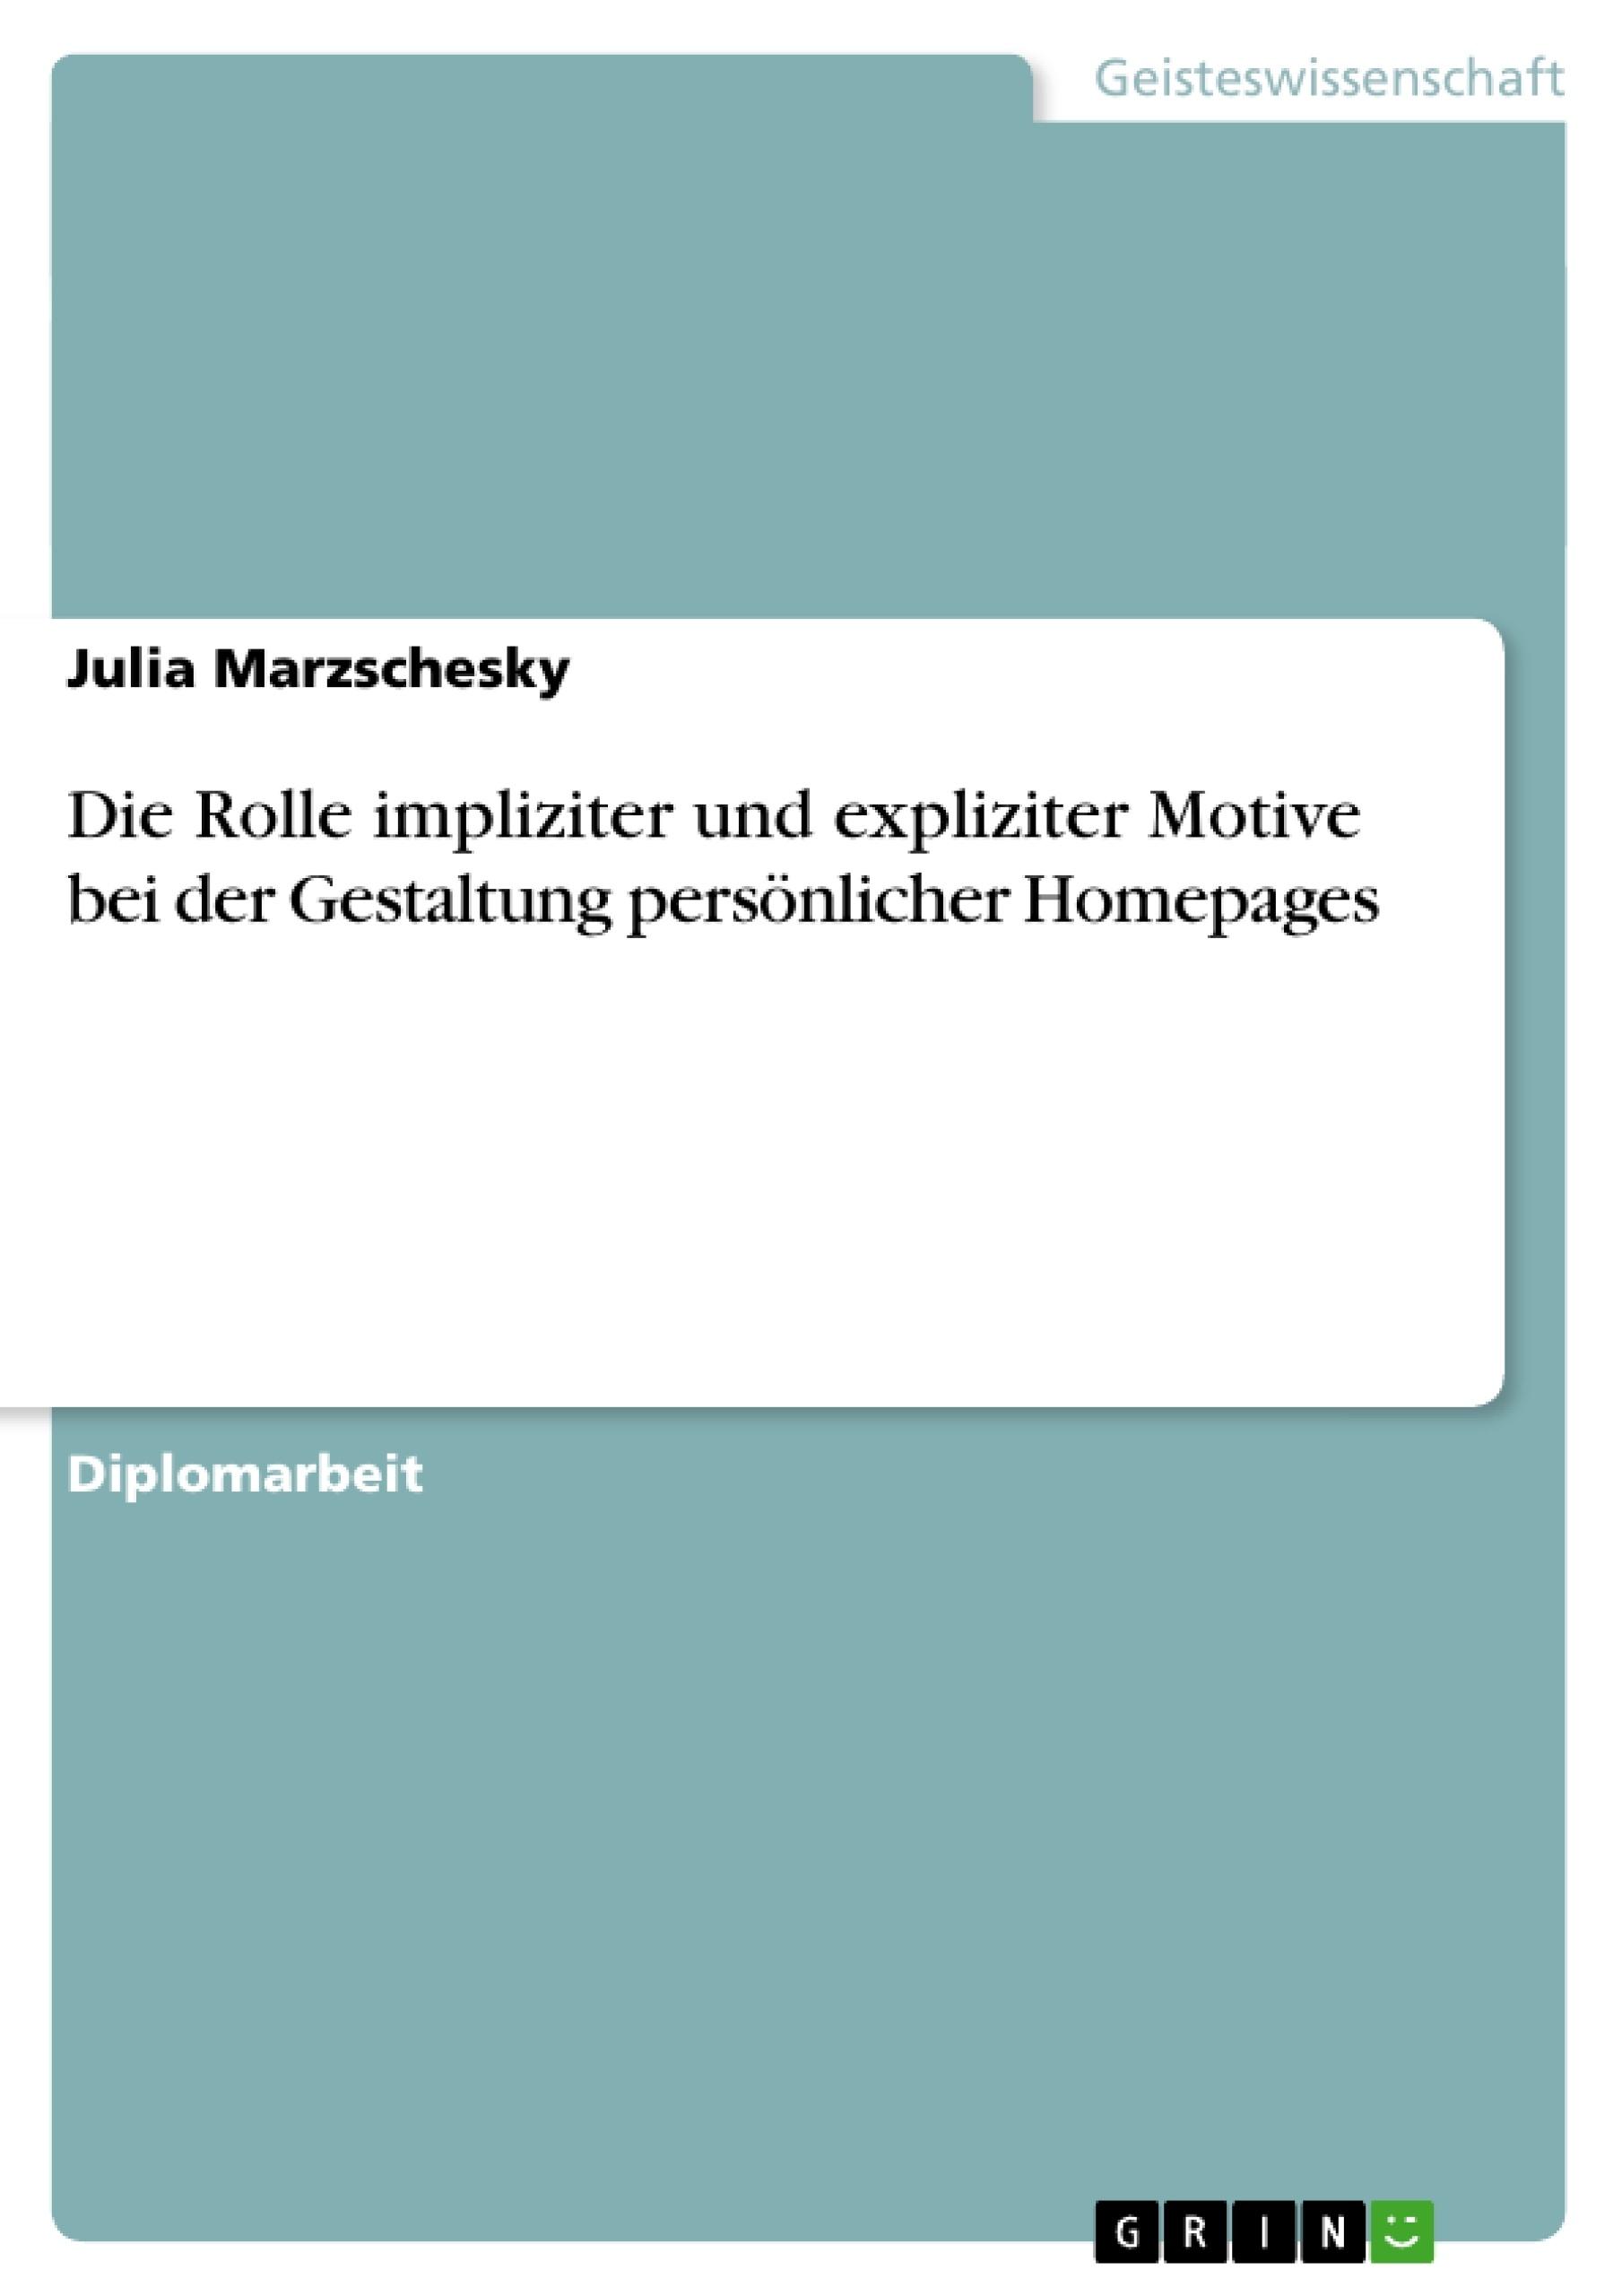 Titel: Die Rolle impliziter und expliziter Motive bei der Gestaltung persönlicher Homepages